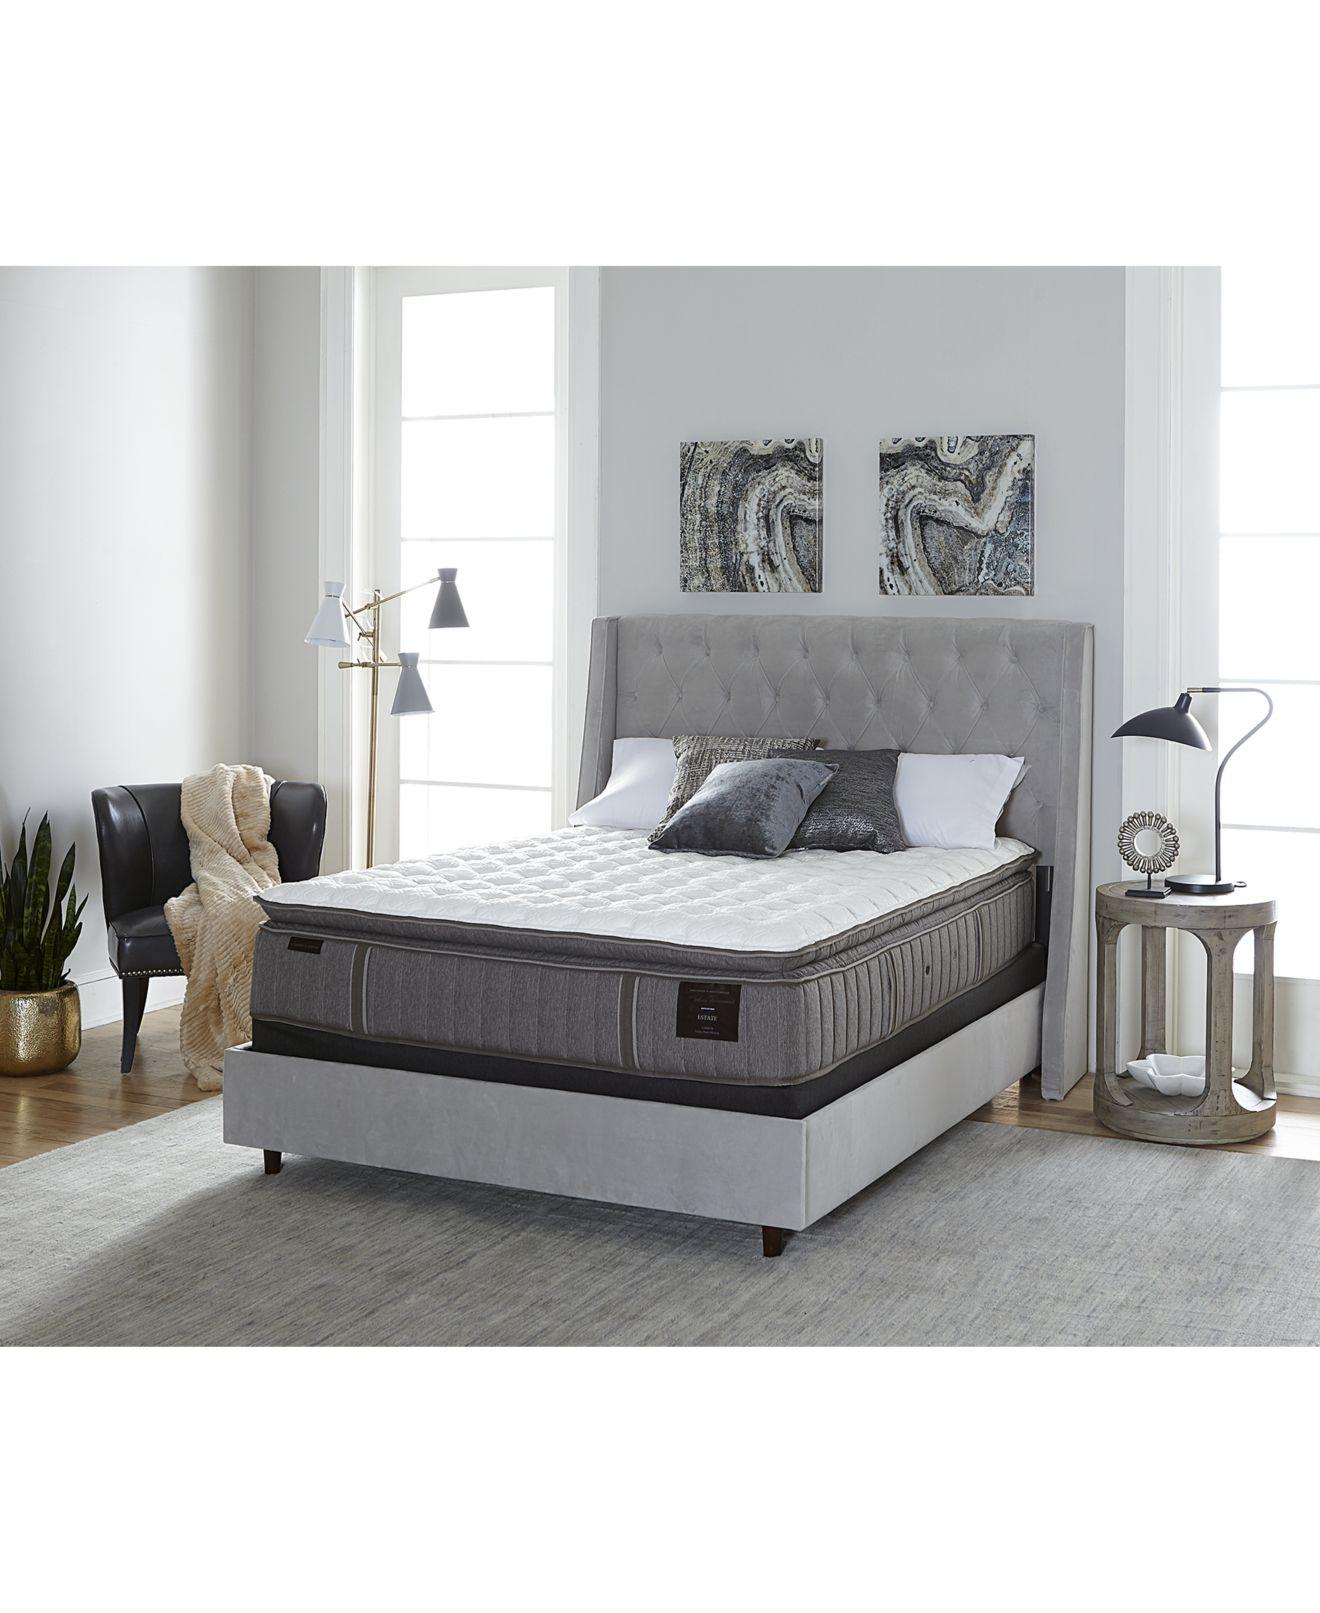 stearns & foster mattress - macy's